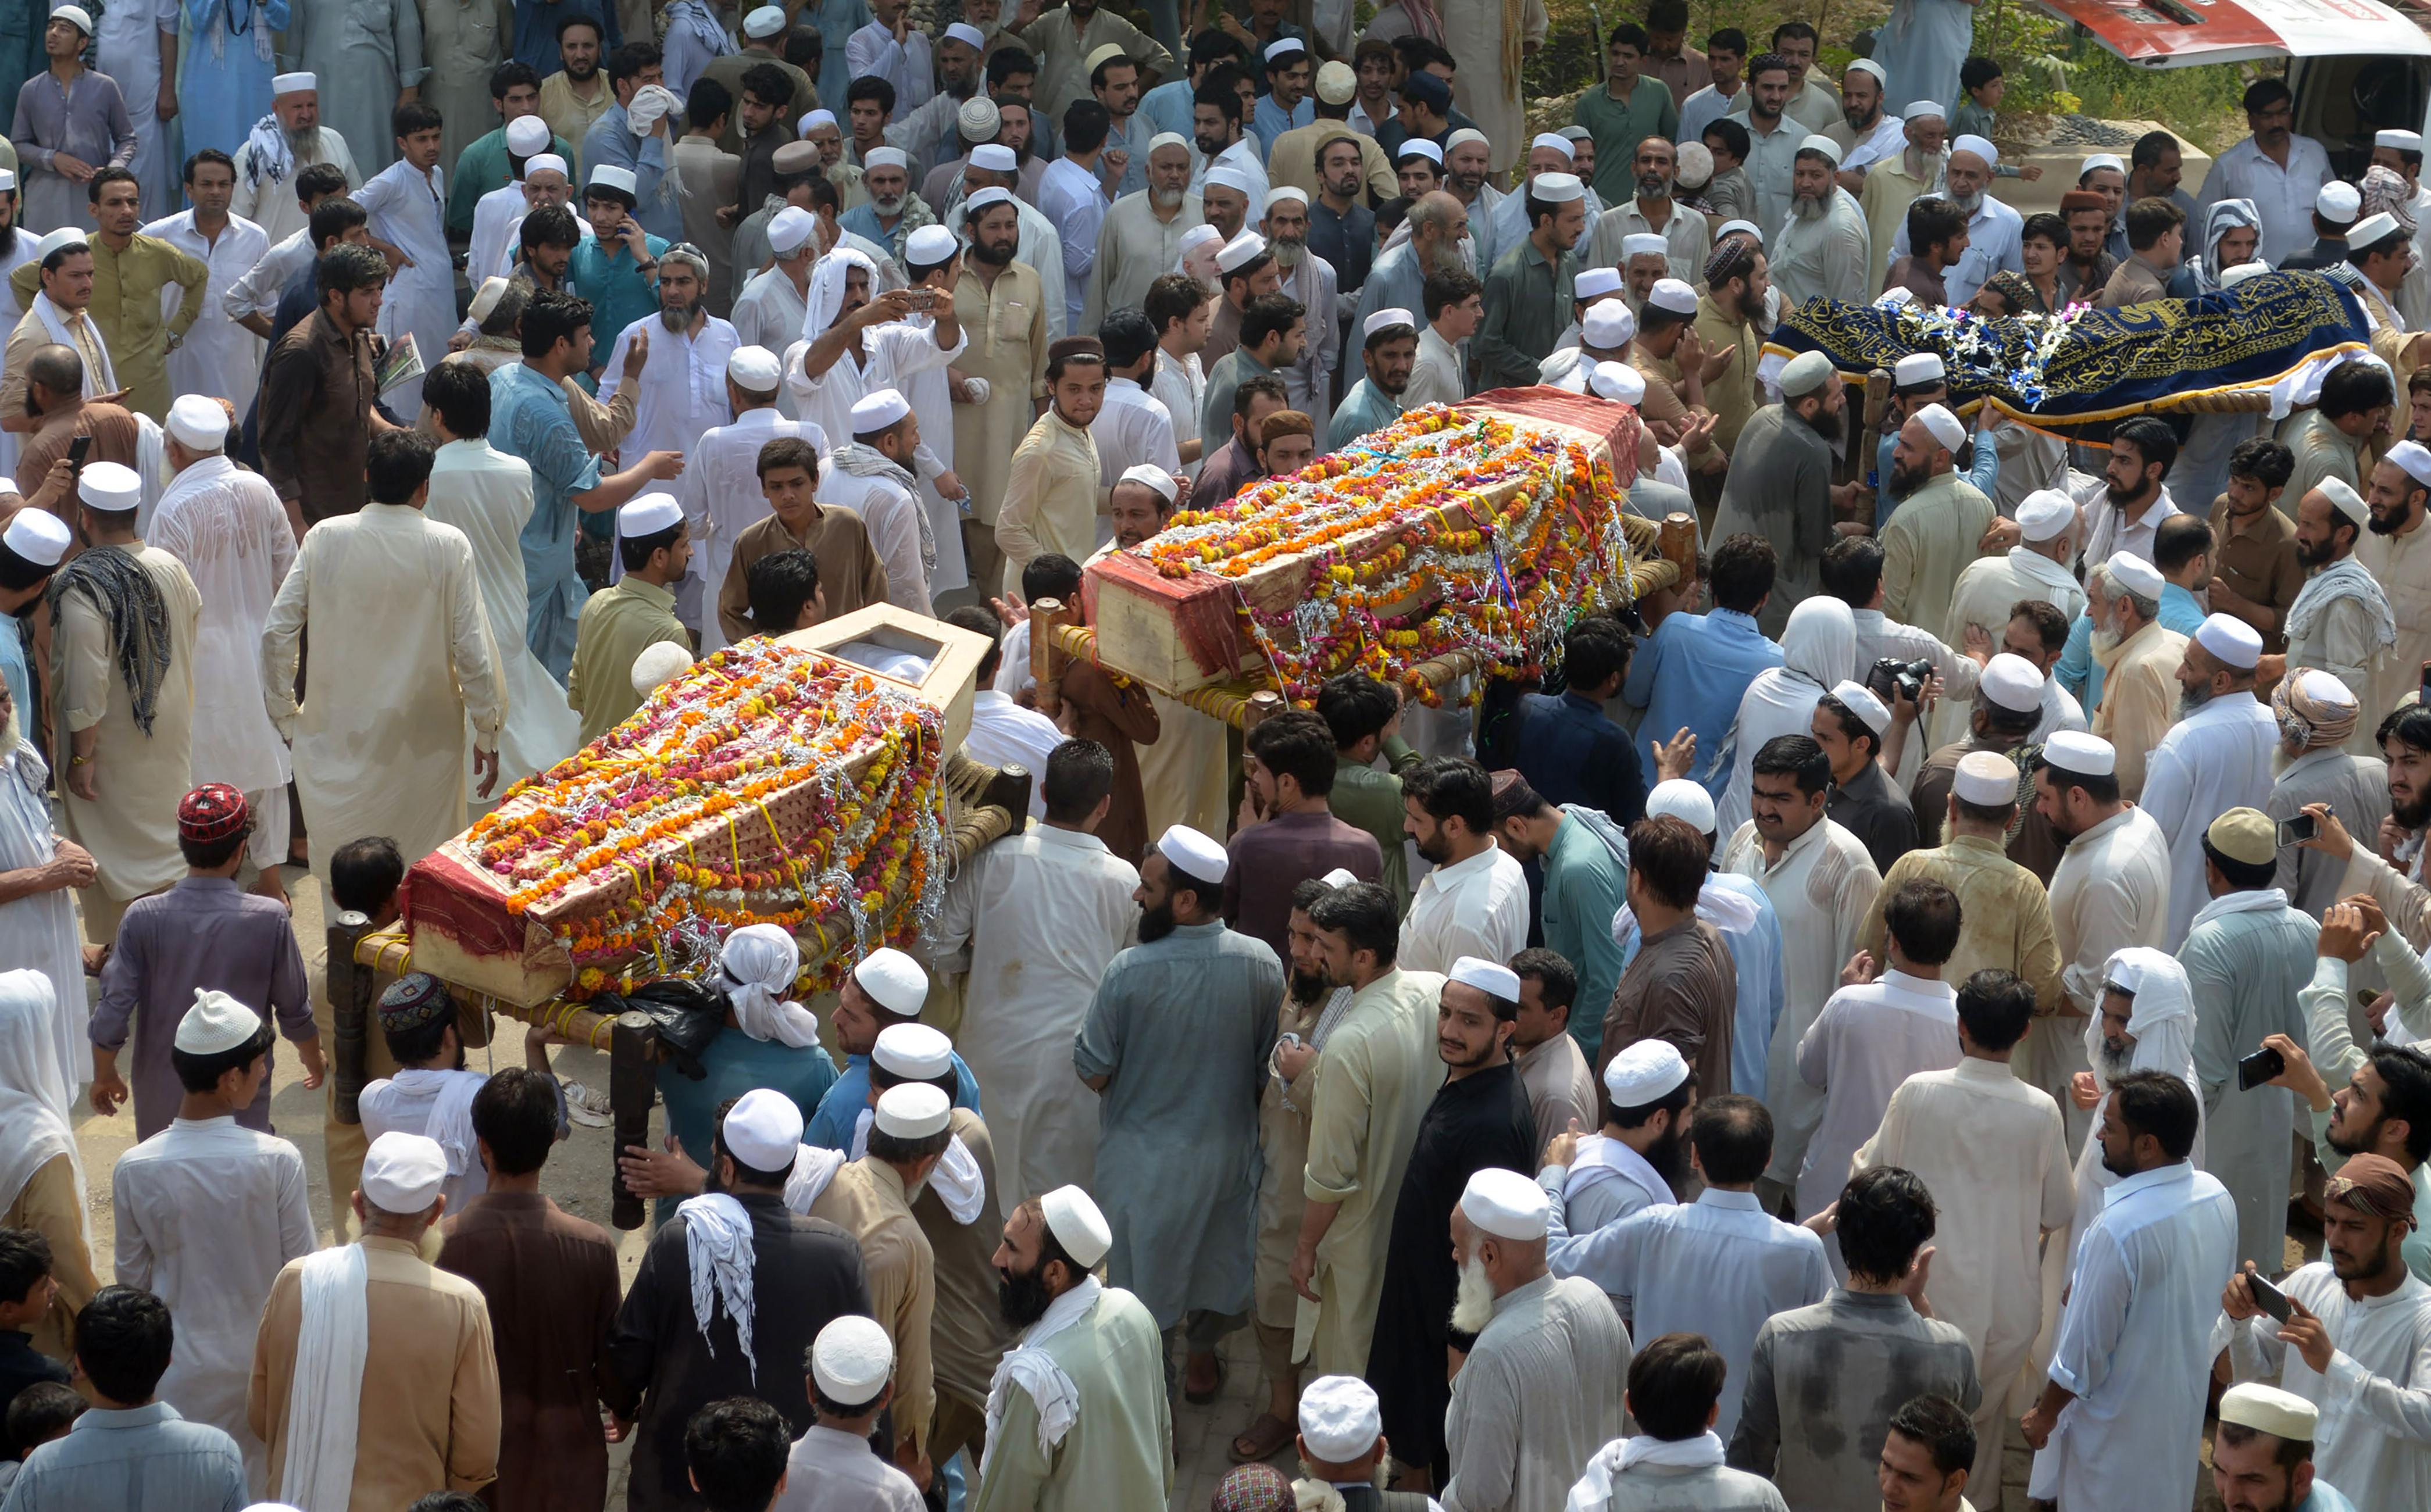 په پيښور کې د ټي ټي پي بريد په جمهوري بهير کې د پاکستانيانو ژمنه قوي کوي